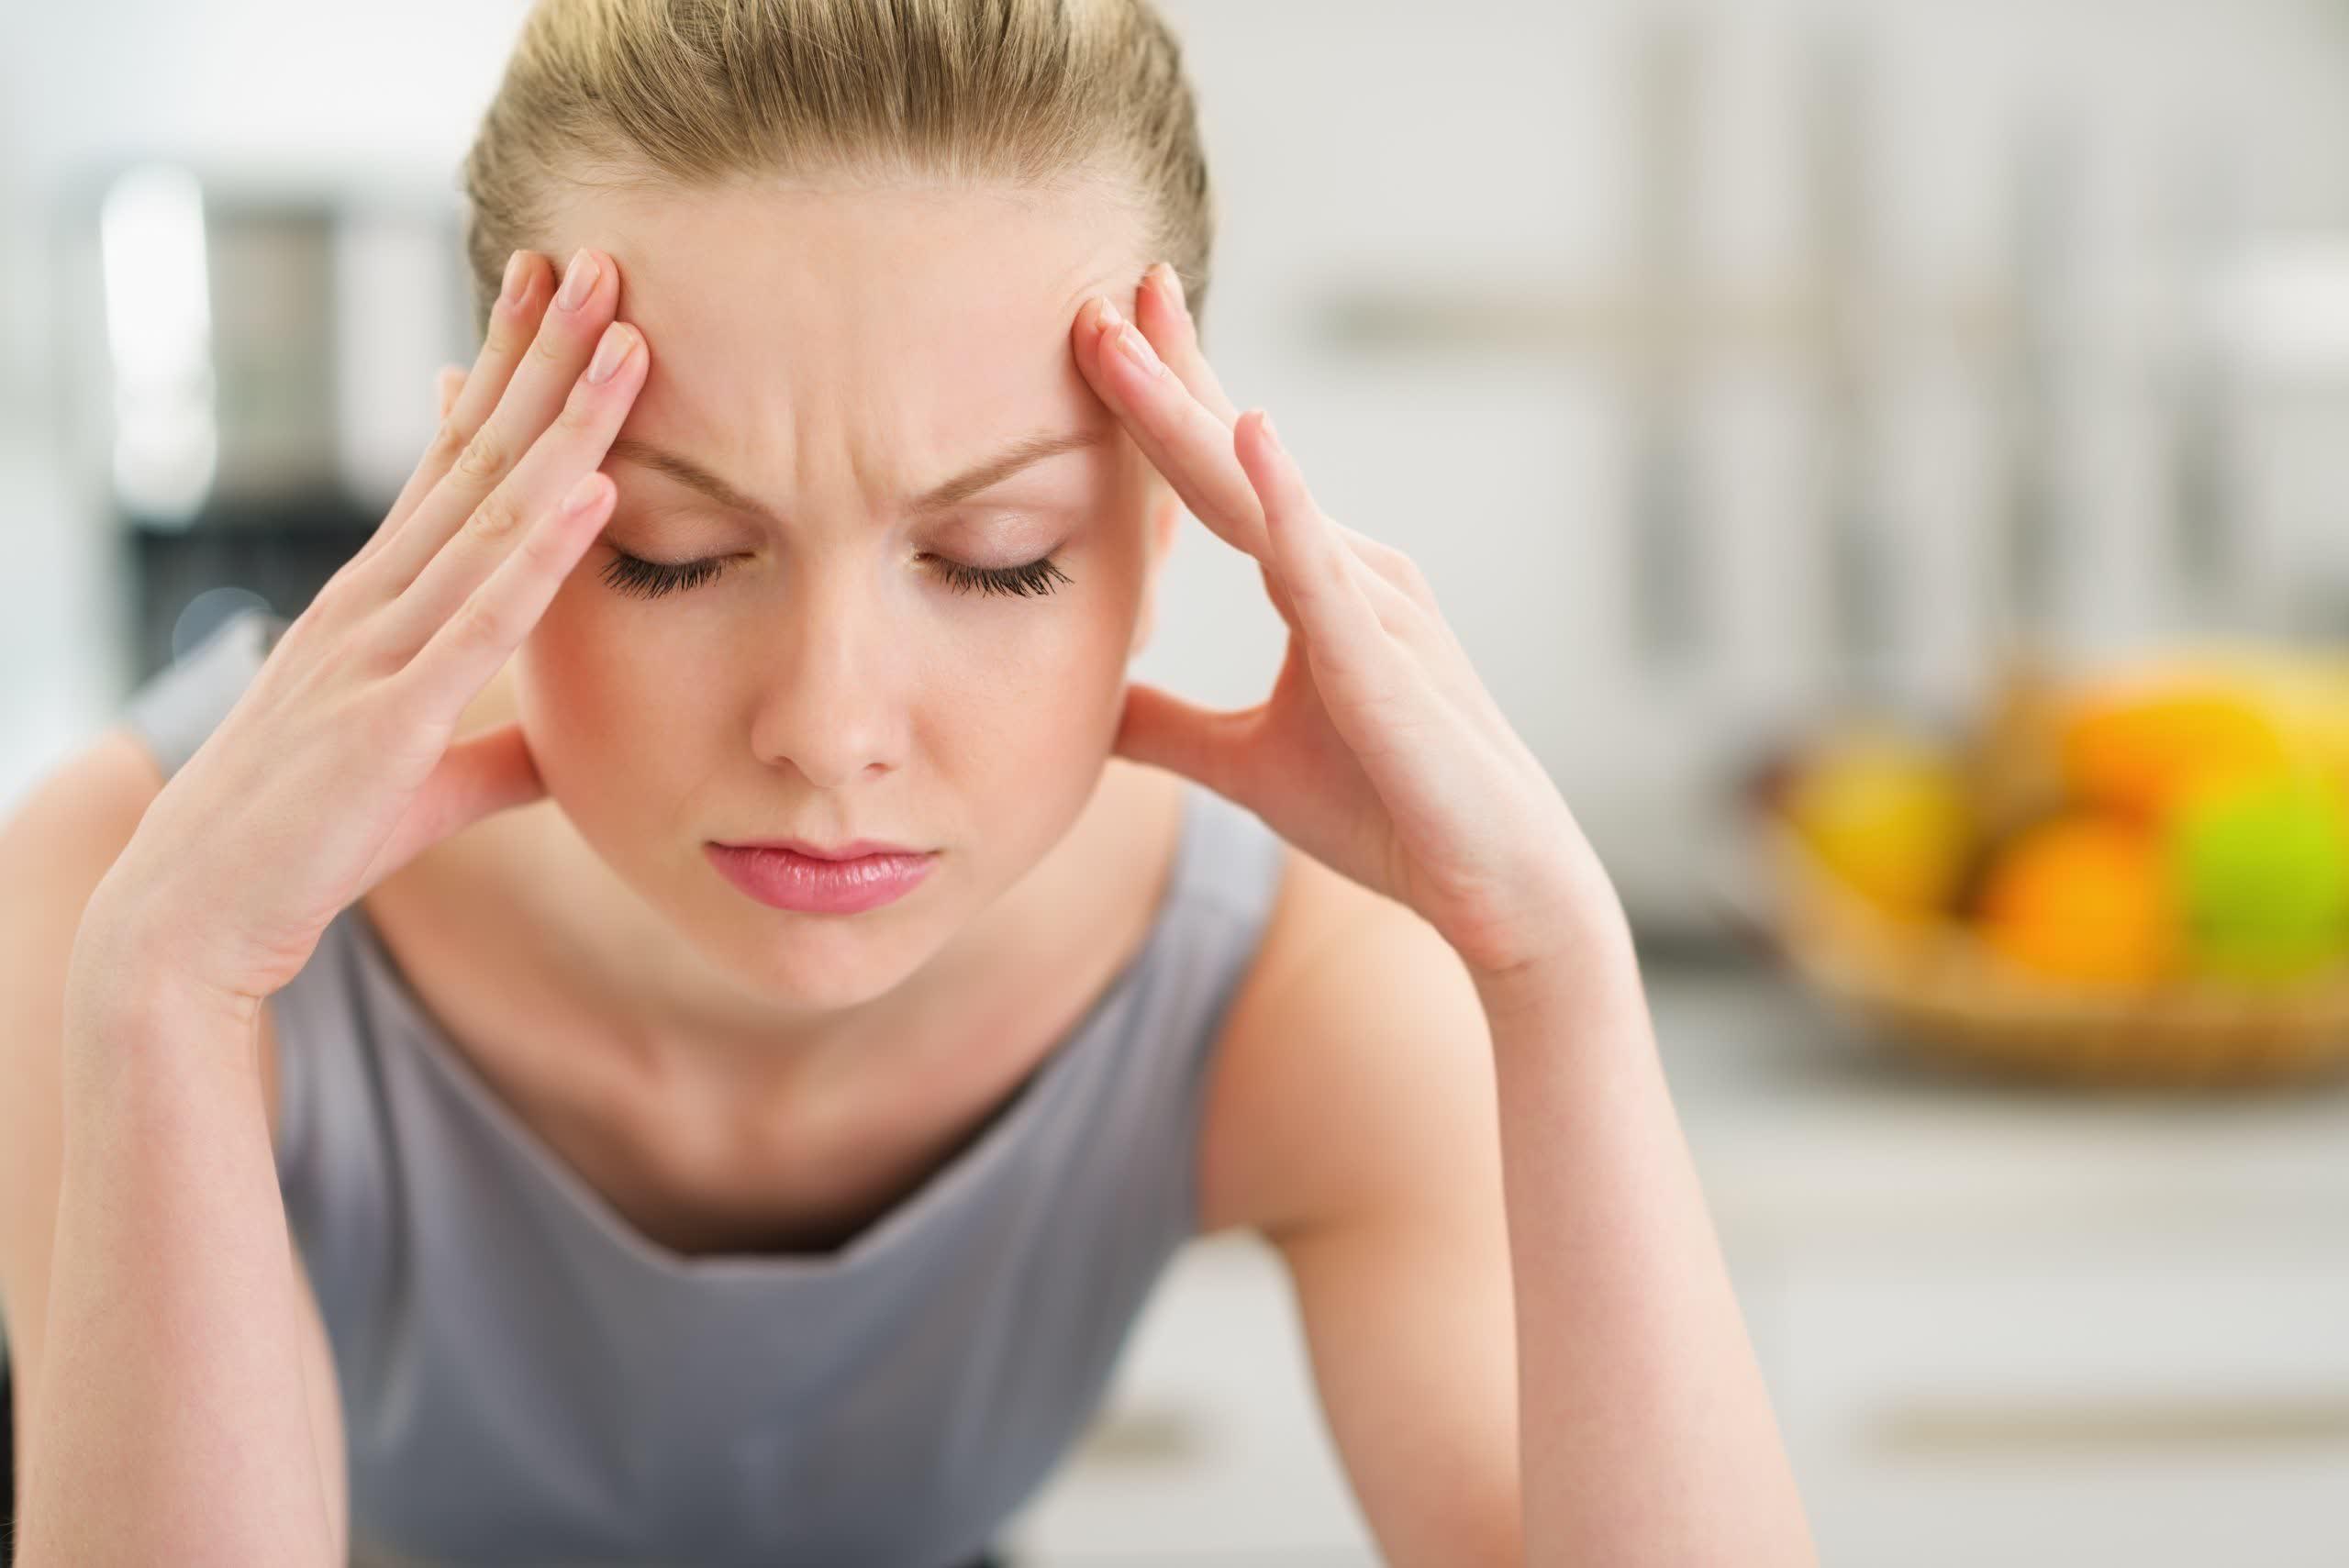 Galbūt Tavo galvos skausmas ar migrena yra dėl netinkamo maisto?